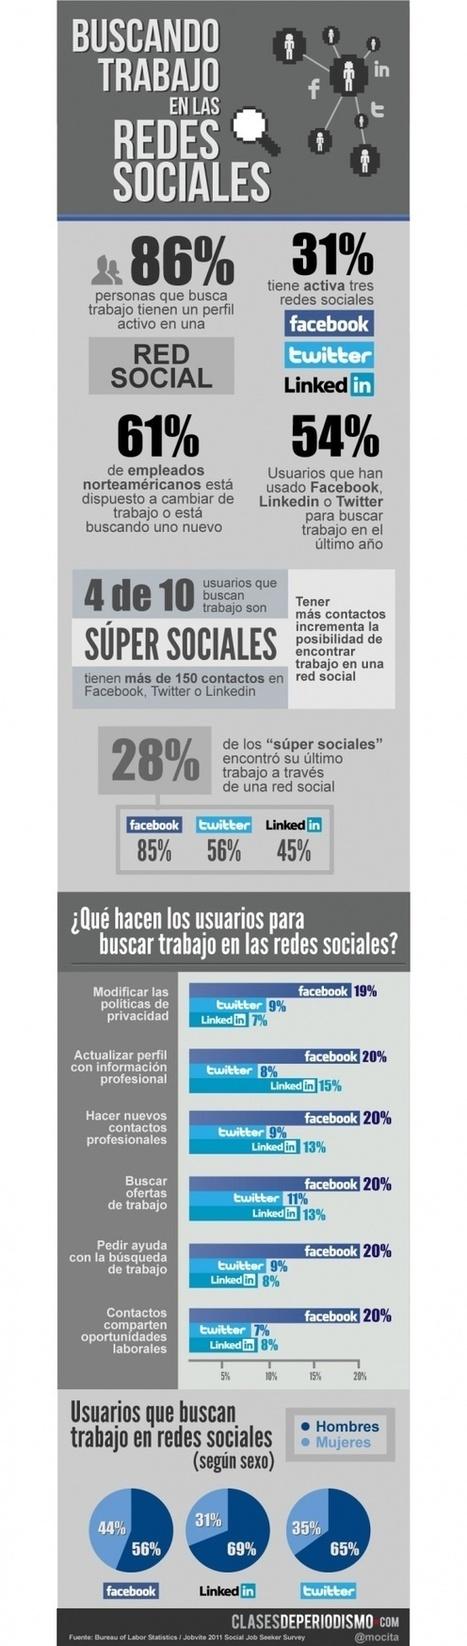 Buscando trabajo en las redes sociales #infografia | REDES SOCIALES | Scoop.it